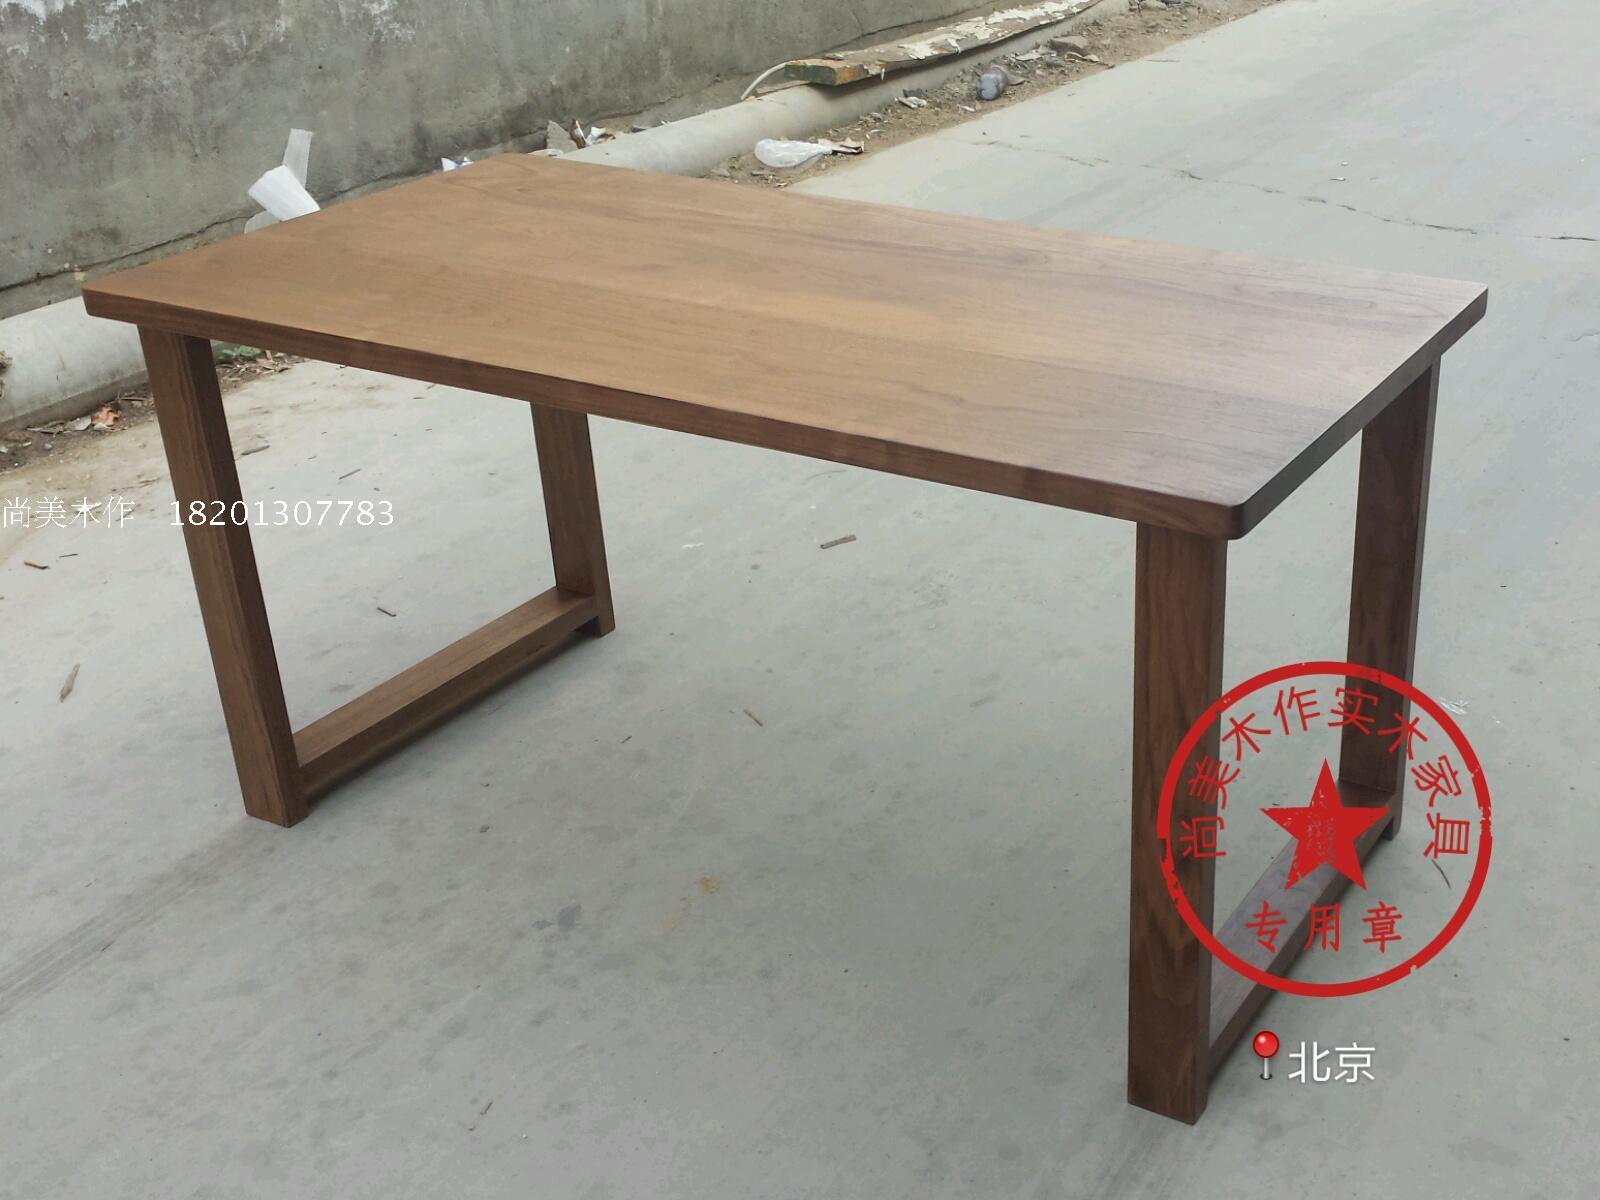 【尚美木作】纯实木原木北美黑胡桃餐桌黑胡桃电脑桌简约实木书桌